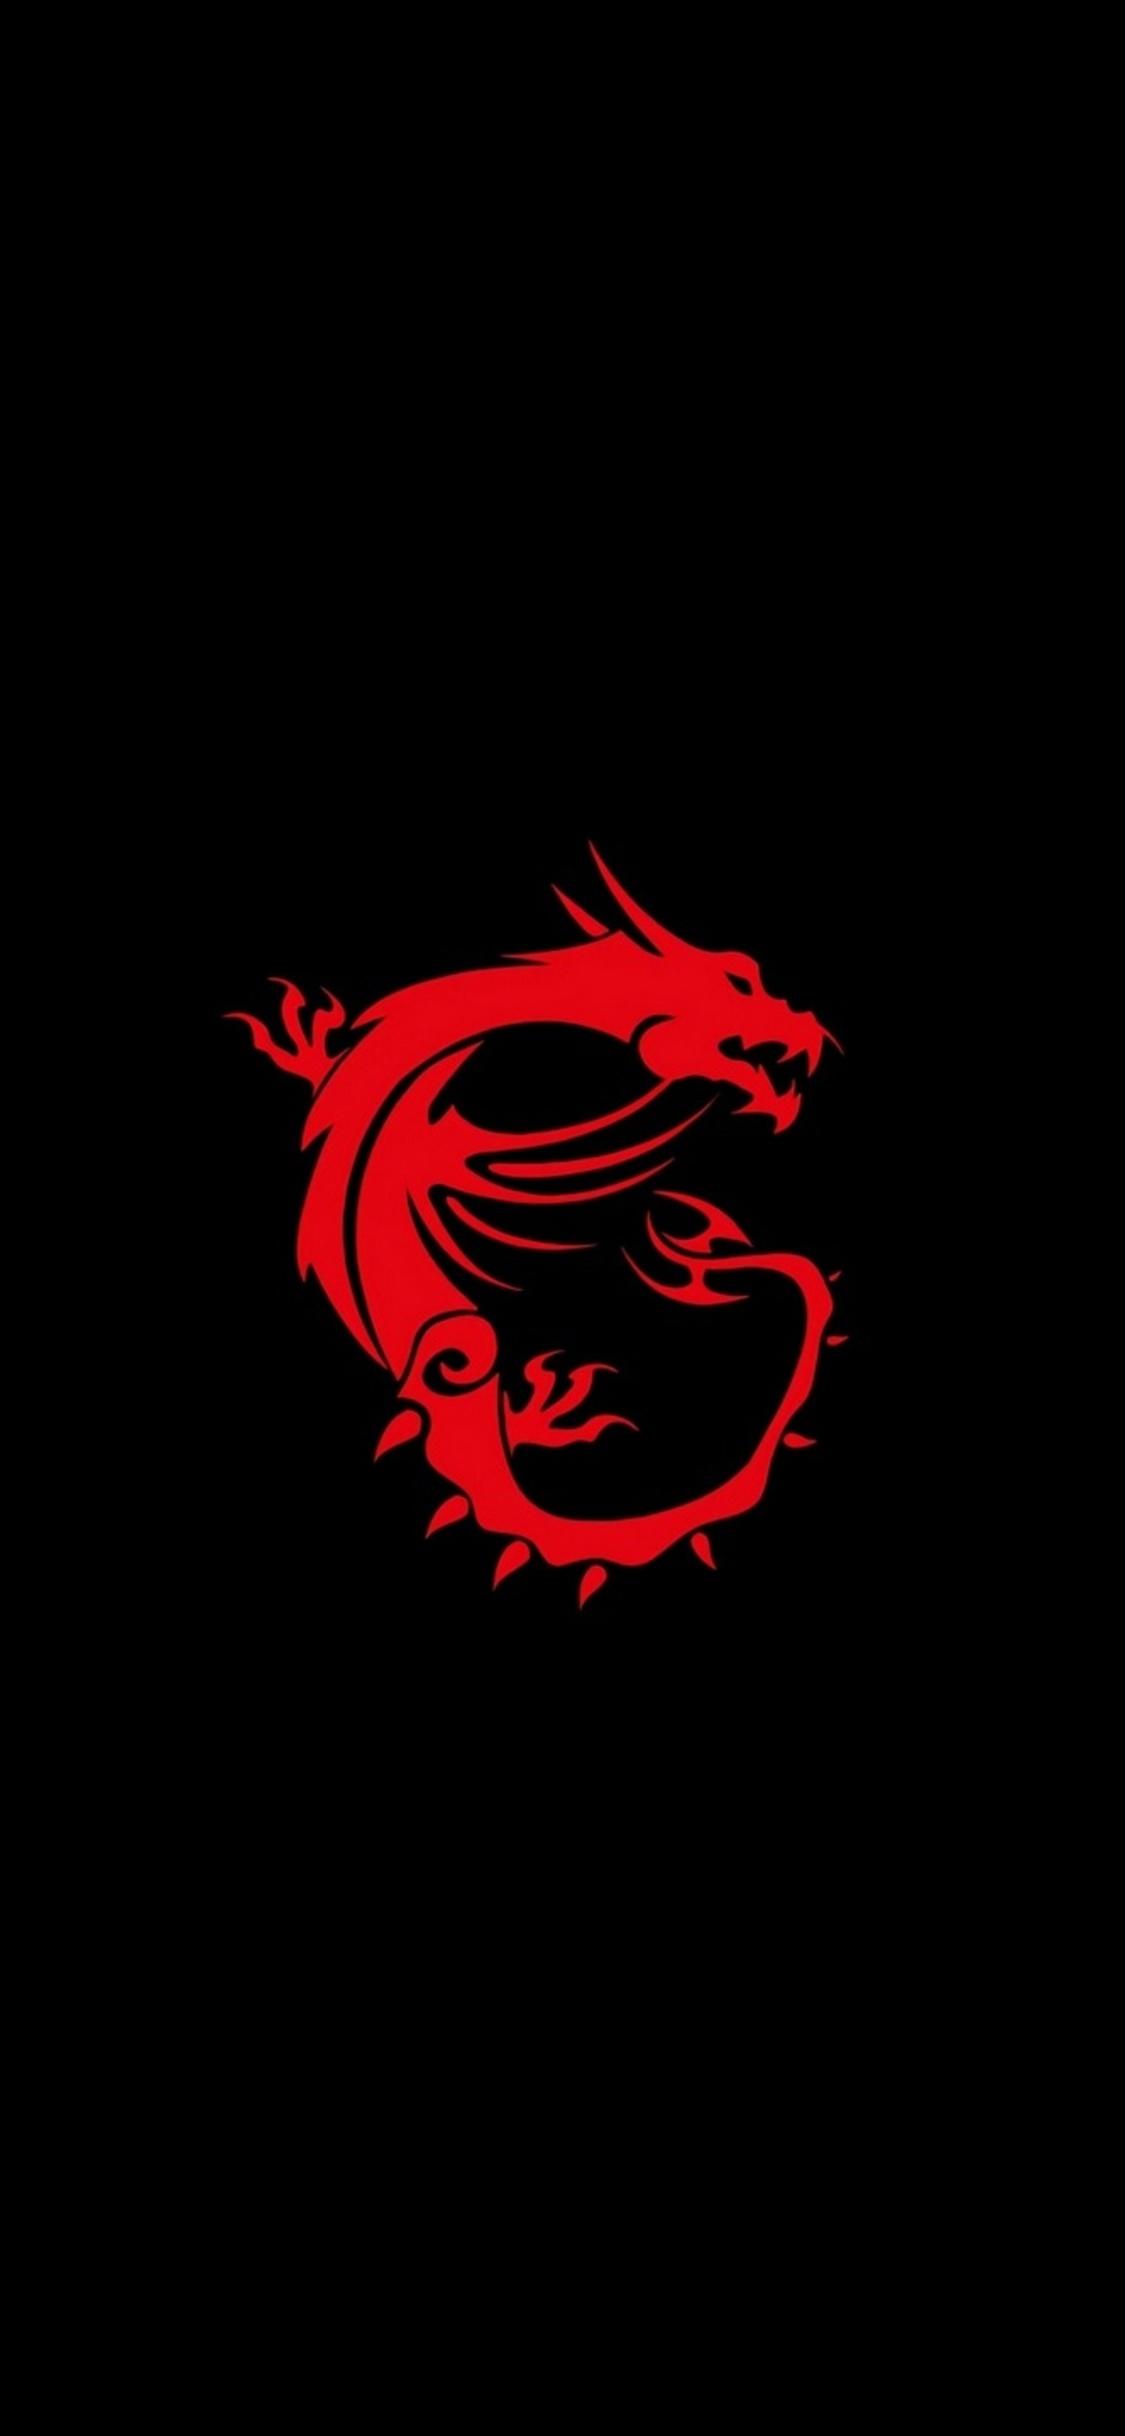 1125x2436 msi dragon logo iphone xs,iphone 10,iphone x hd 4k